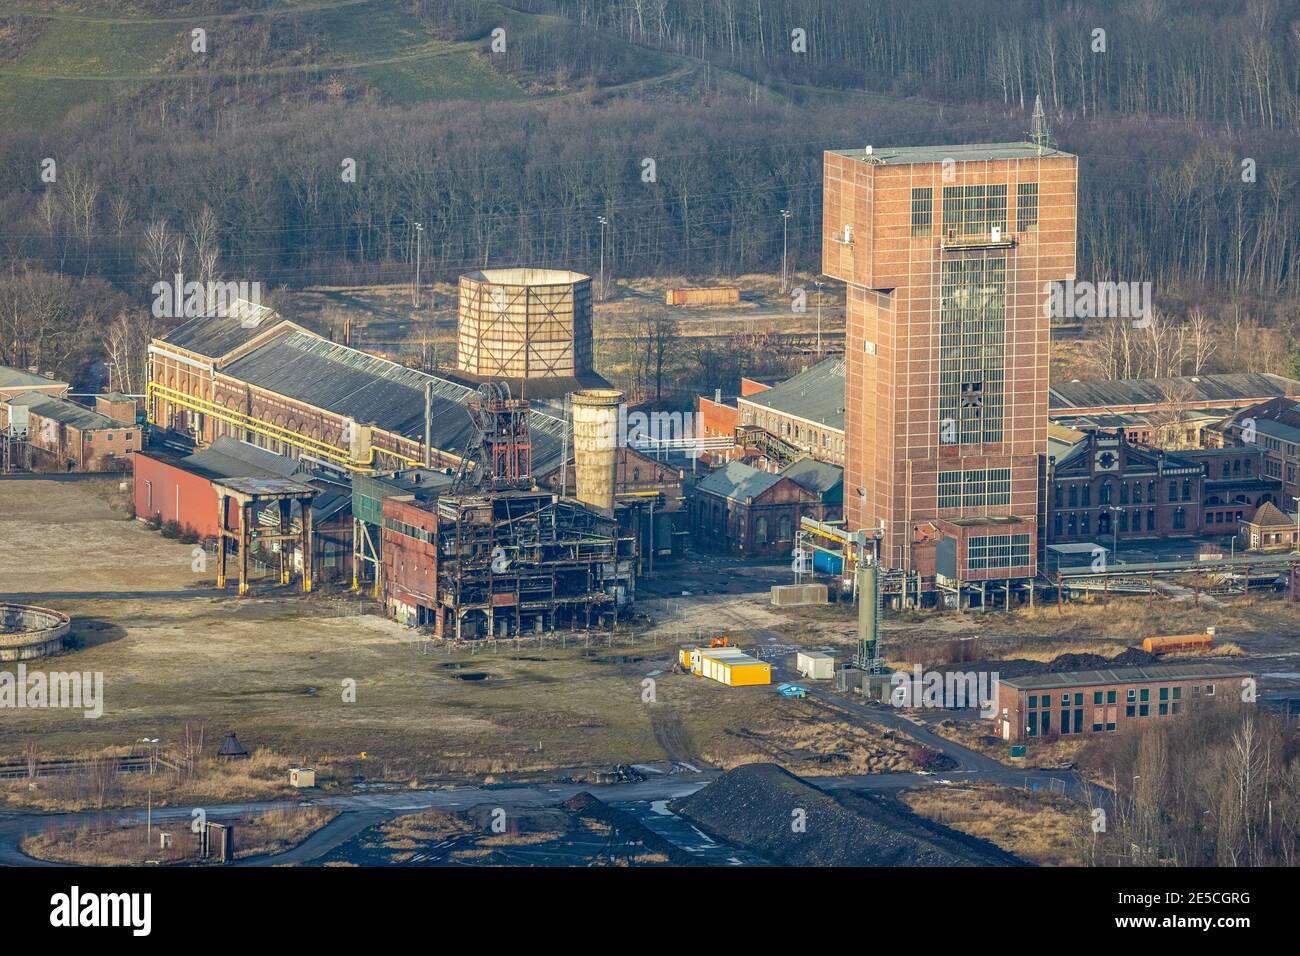 Luftbild mit Hammerkopfturm im Bergwerk Ost Zeche Heinrich Robert, CreativRevier in Wiescherhöfen, Hamm, Ruhrgebiet, Nordrhein-Westfalen, Deutschland, Stockfoto